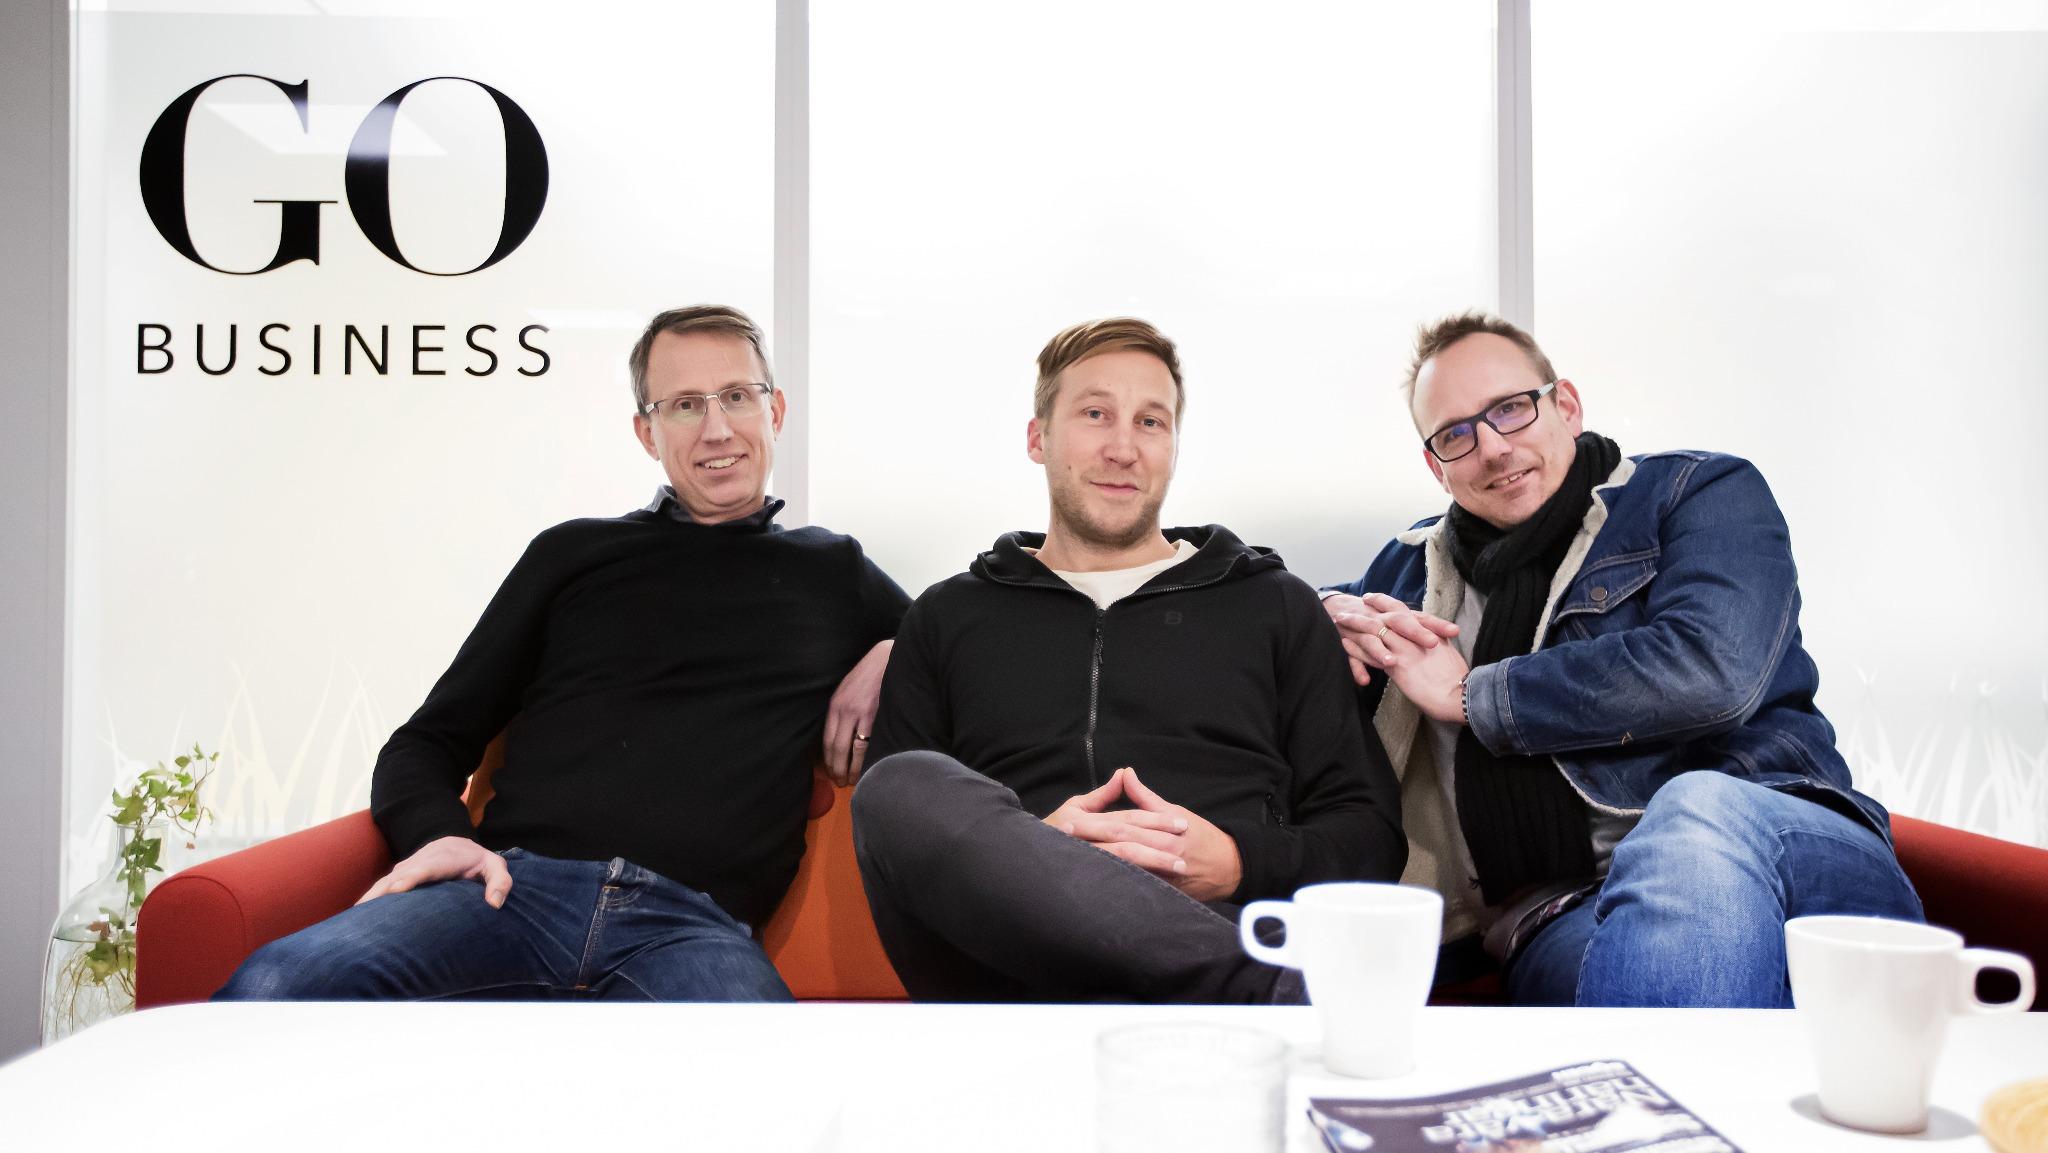 Thomas Lindgren, Mattias Bergqvist och Peter Zetterberg sitter i soffa och tittar in i kameran.